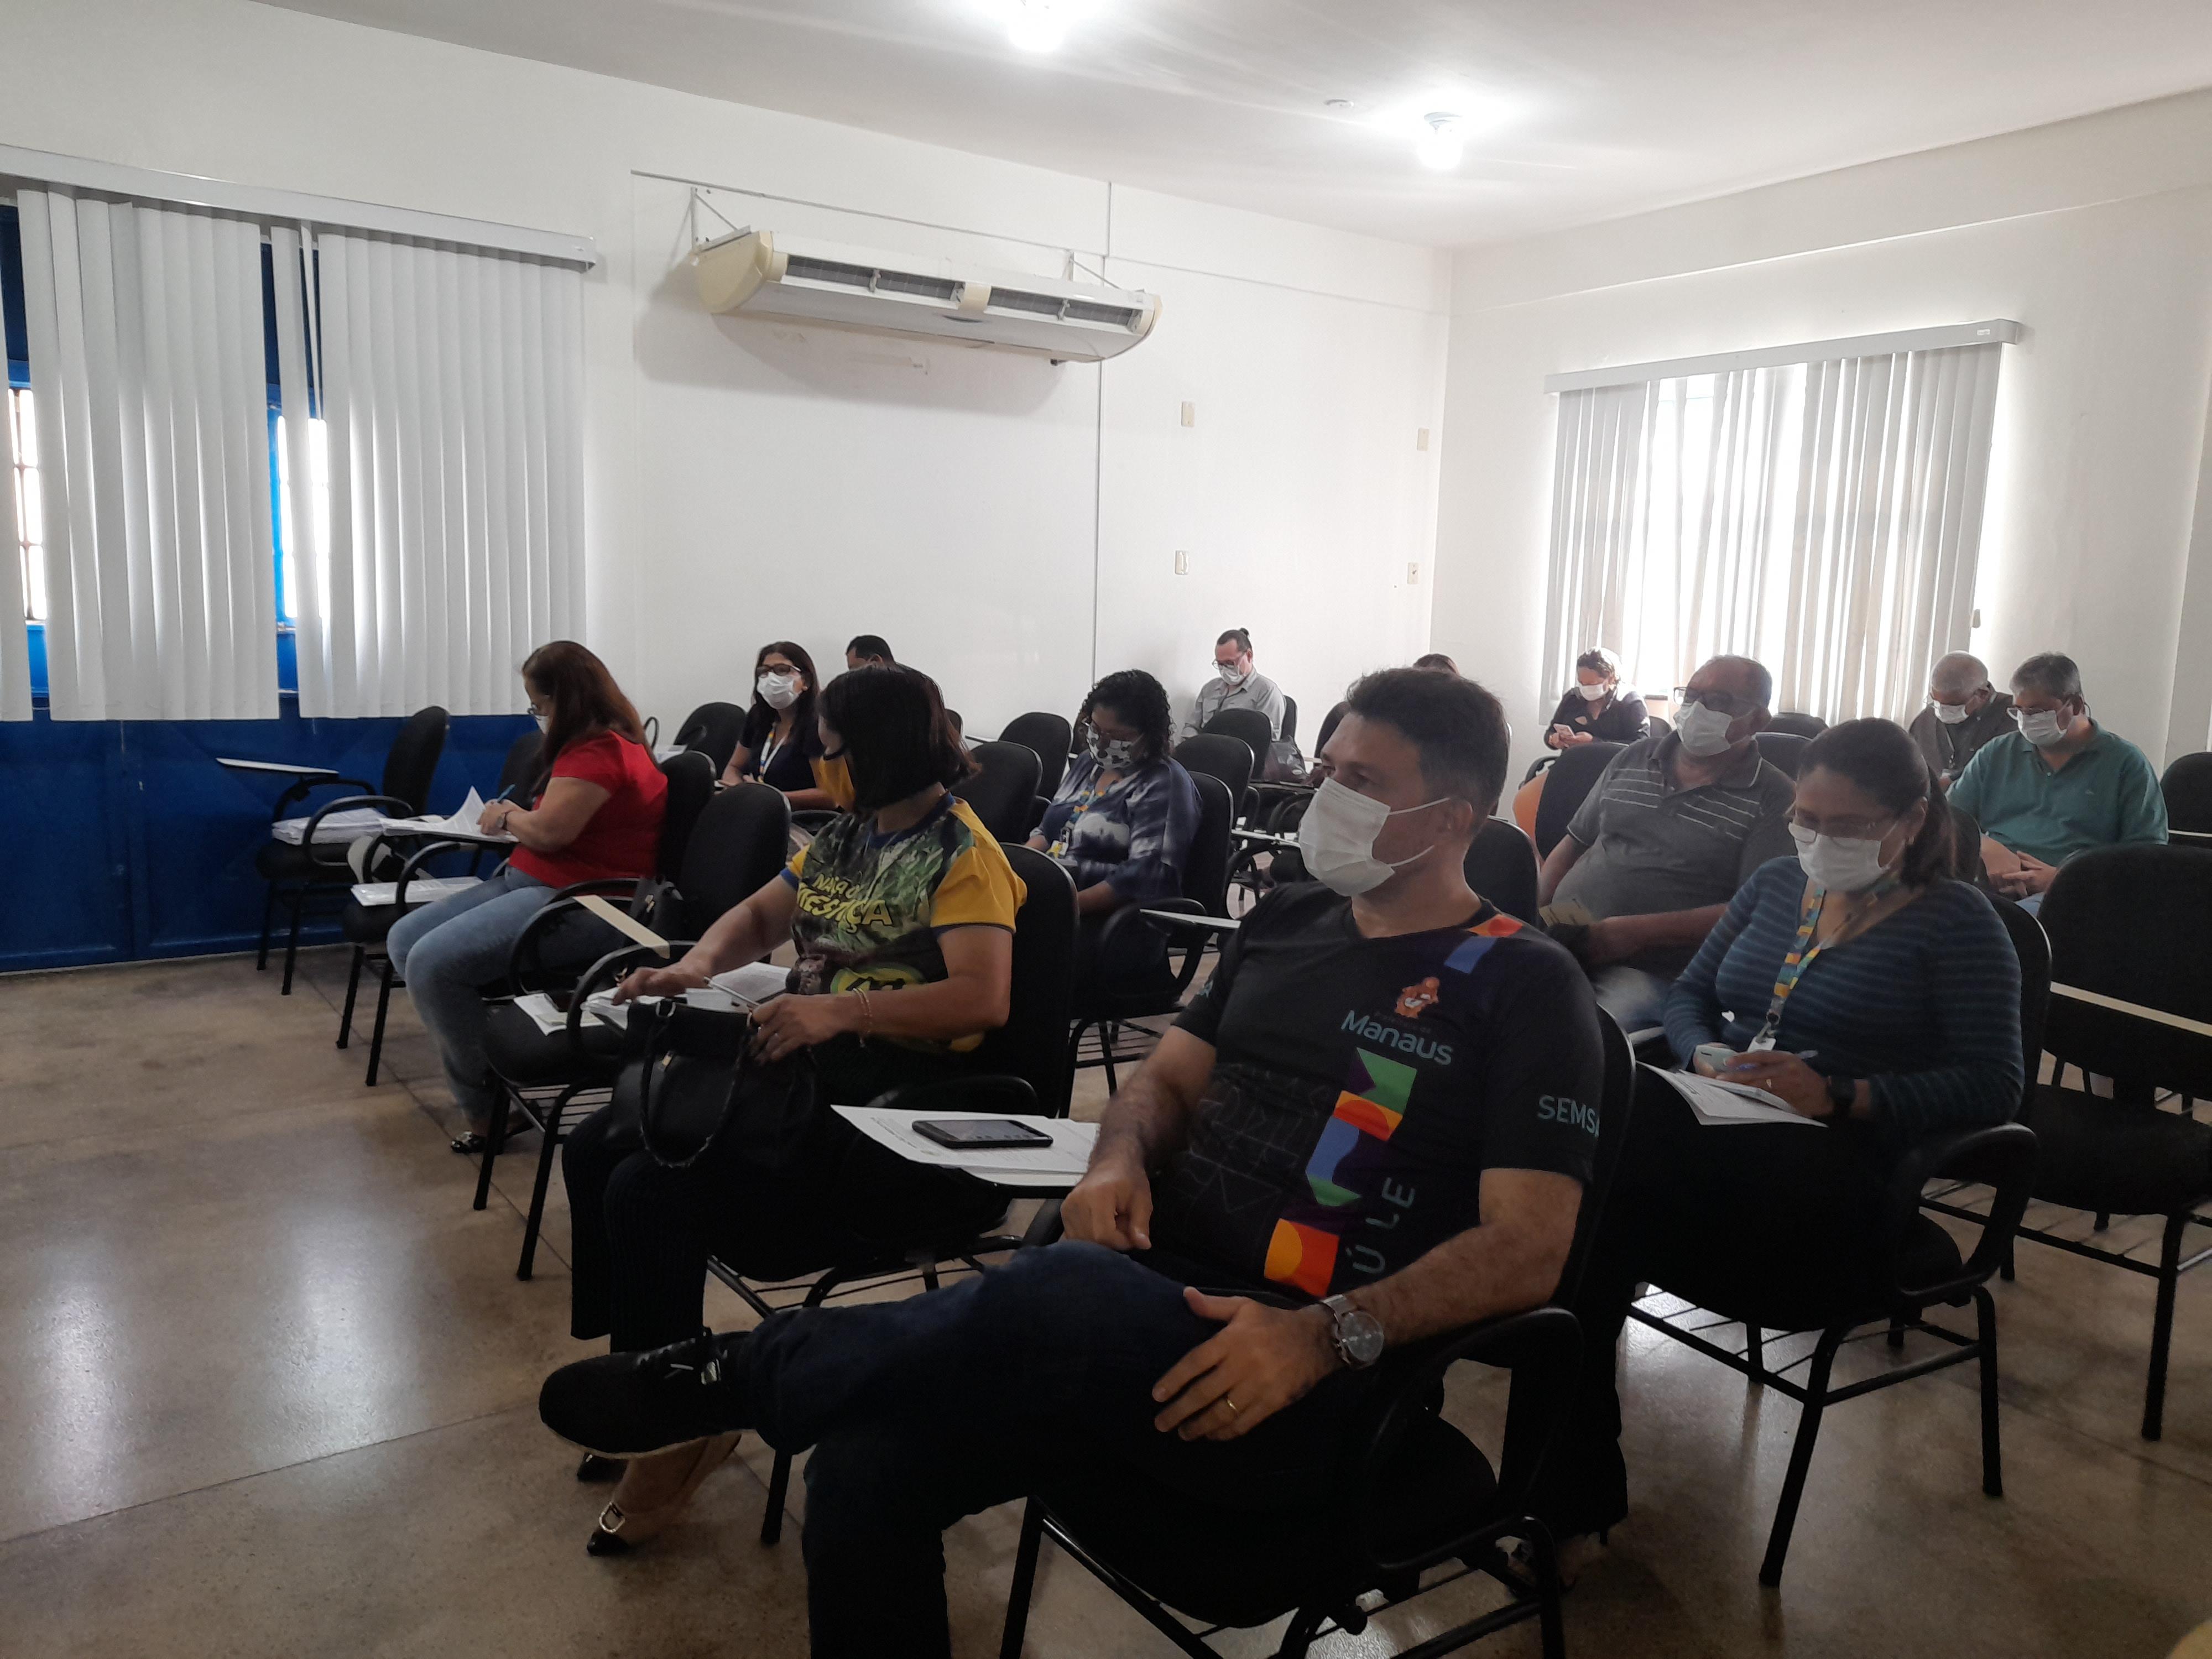 Conselheiros de Saúde discutem execução do concurso público da Semsa